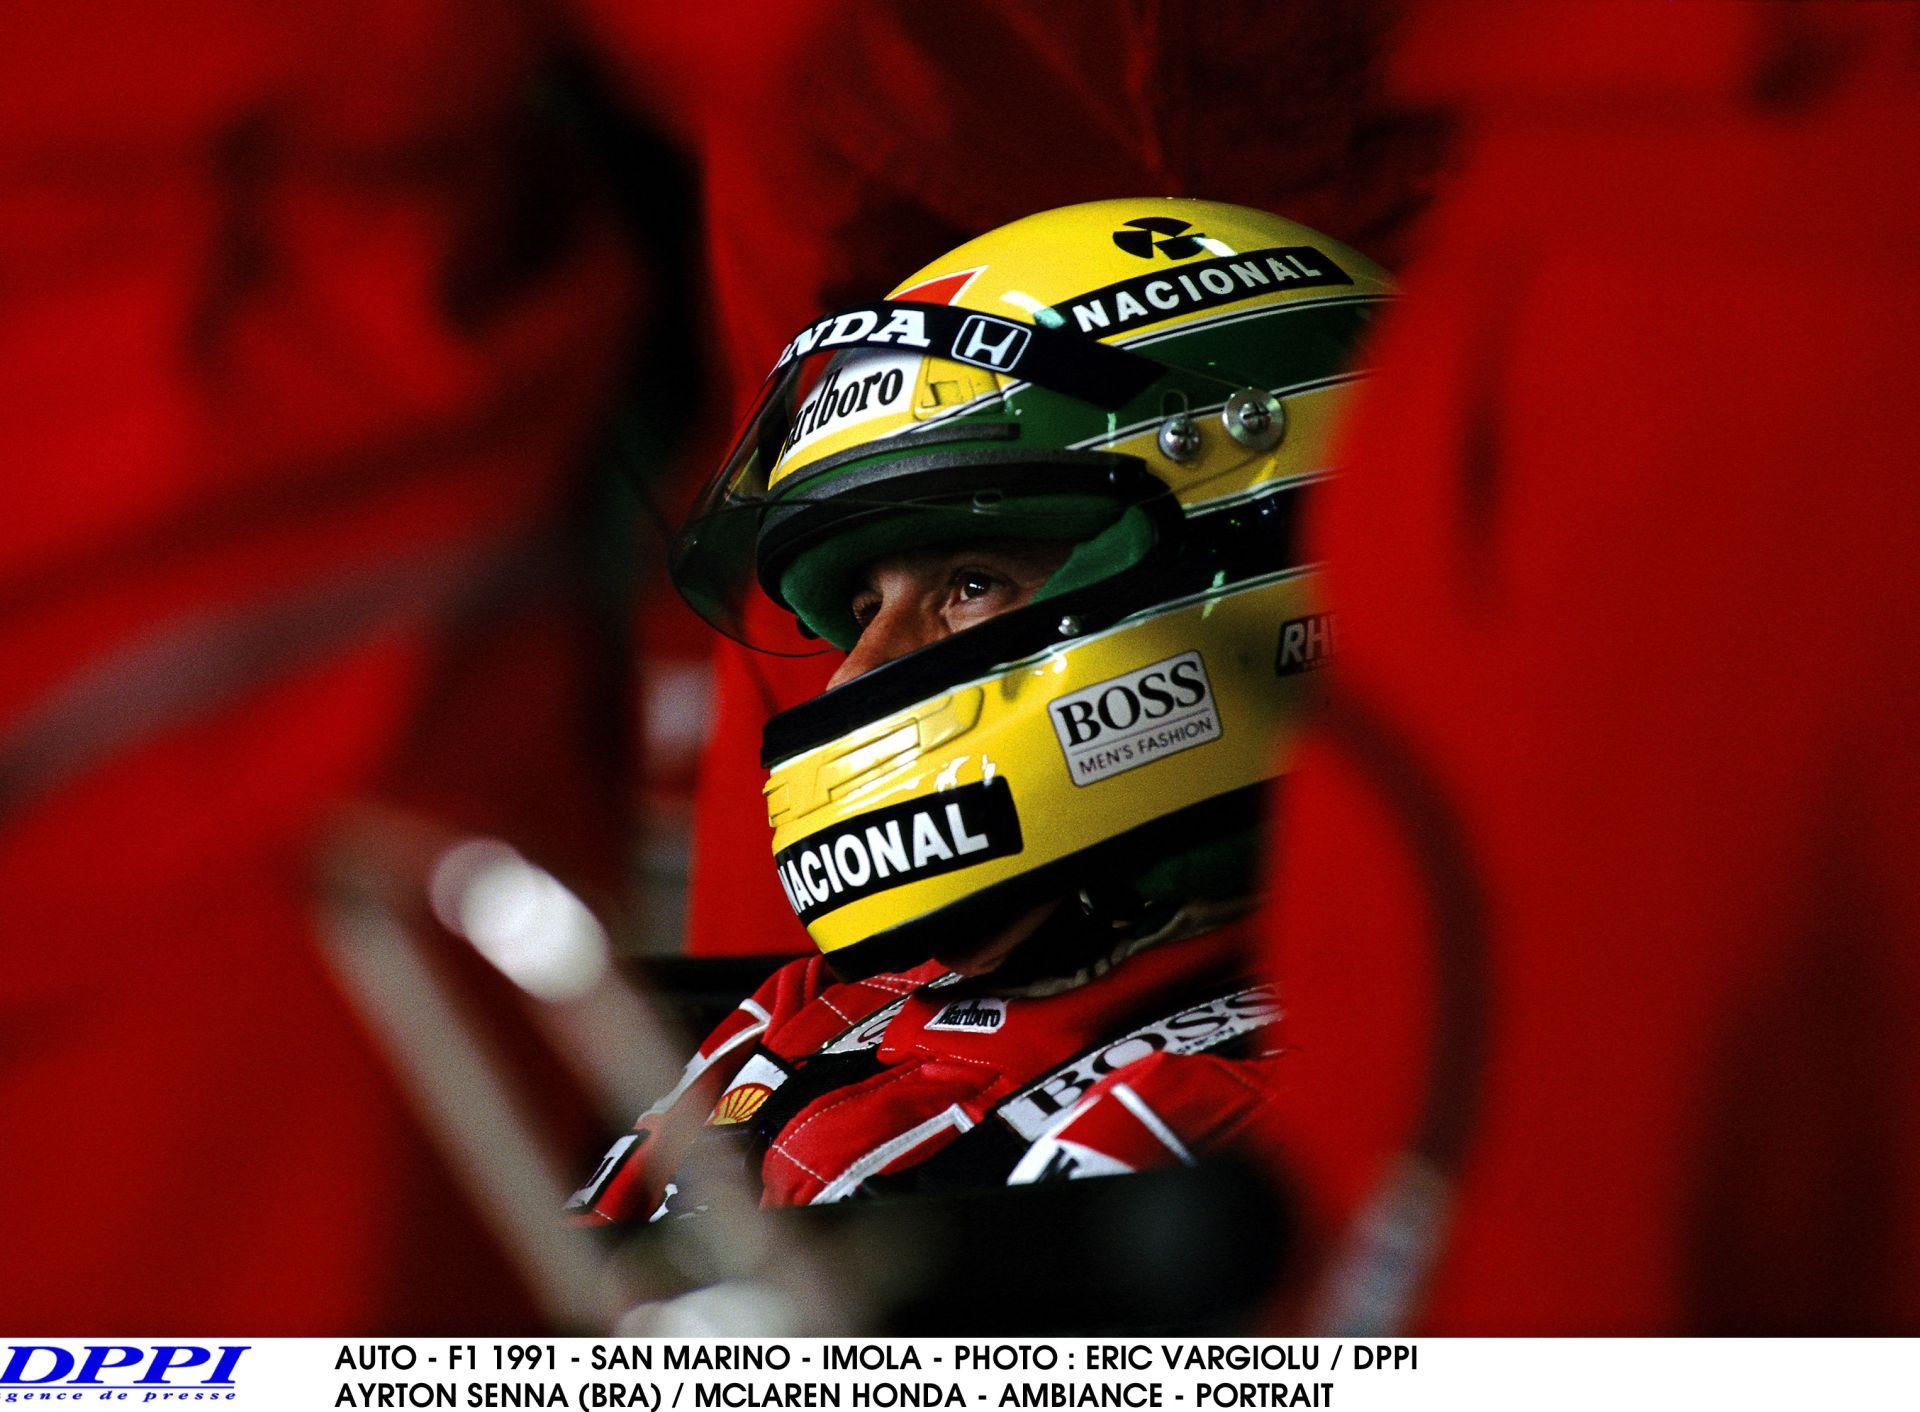 Ayrton Senna-győzelem ezen a napon a Magyar Nagydíjon 1991-ből - Palik László közvetít